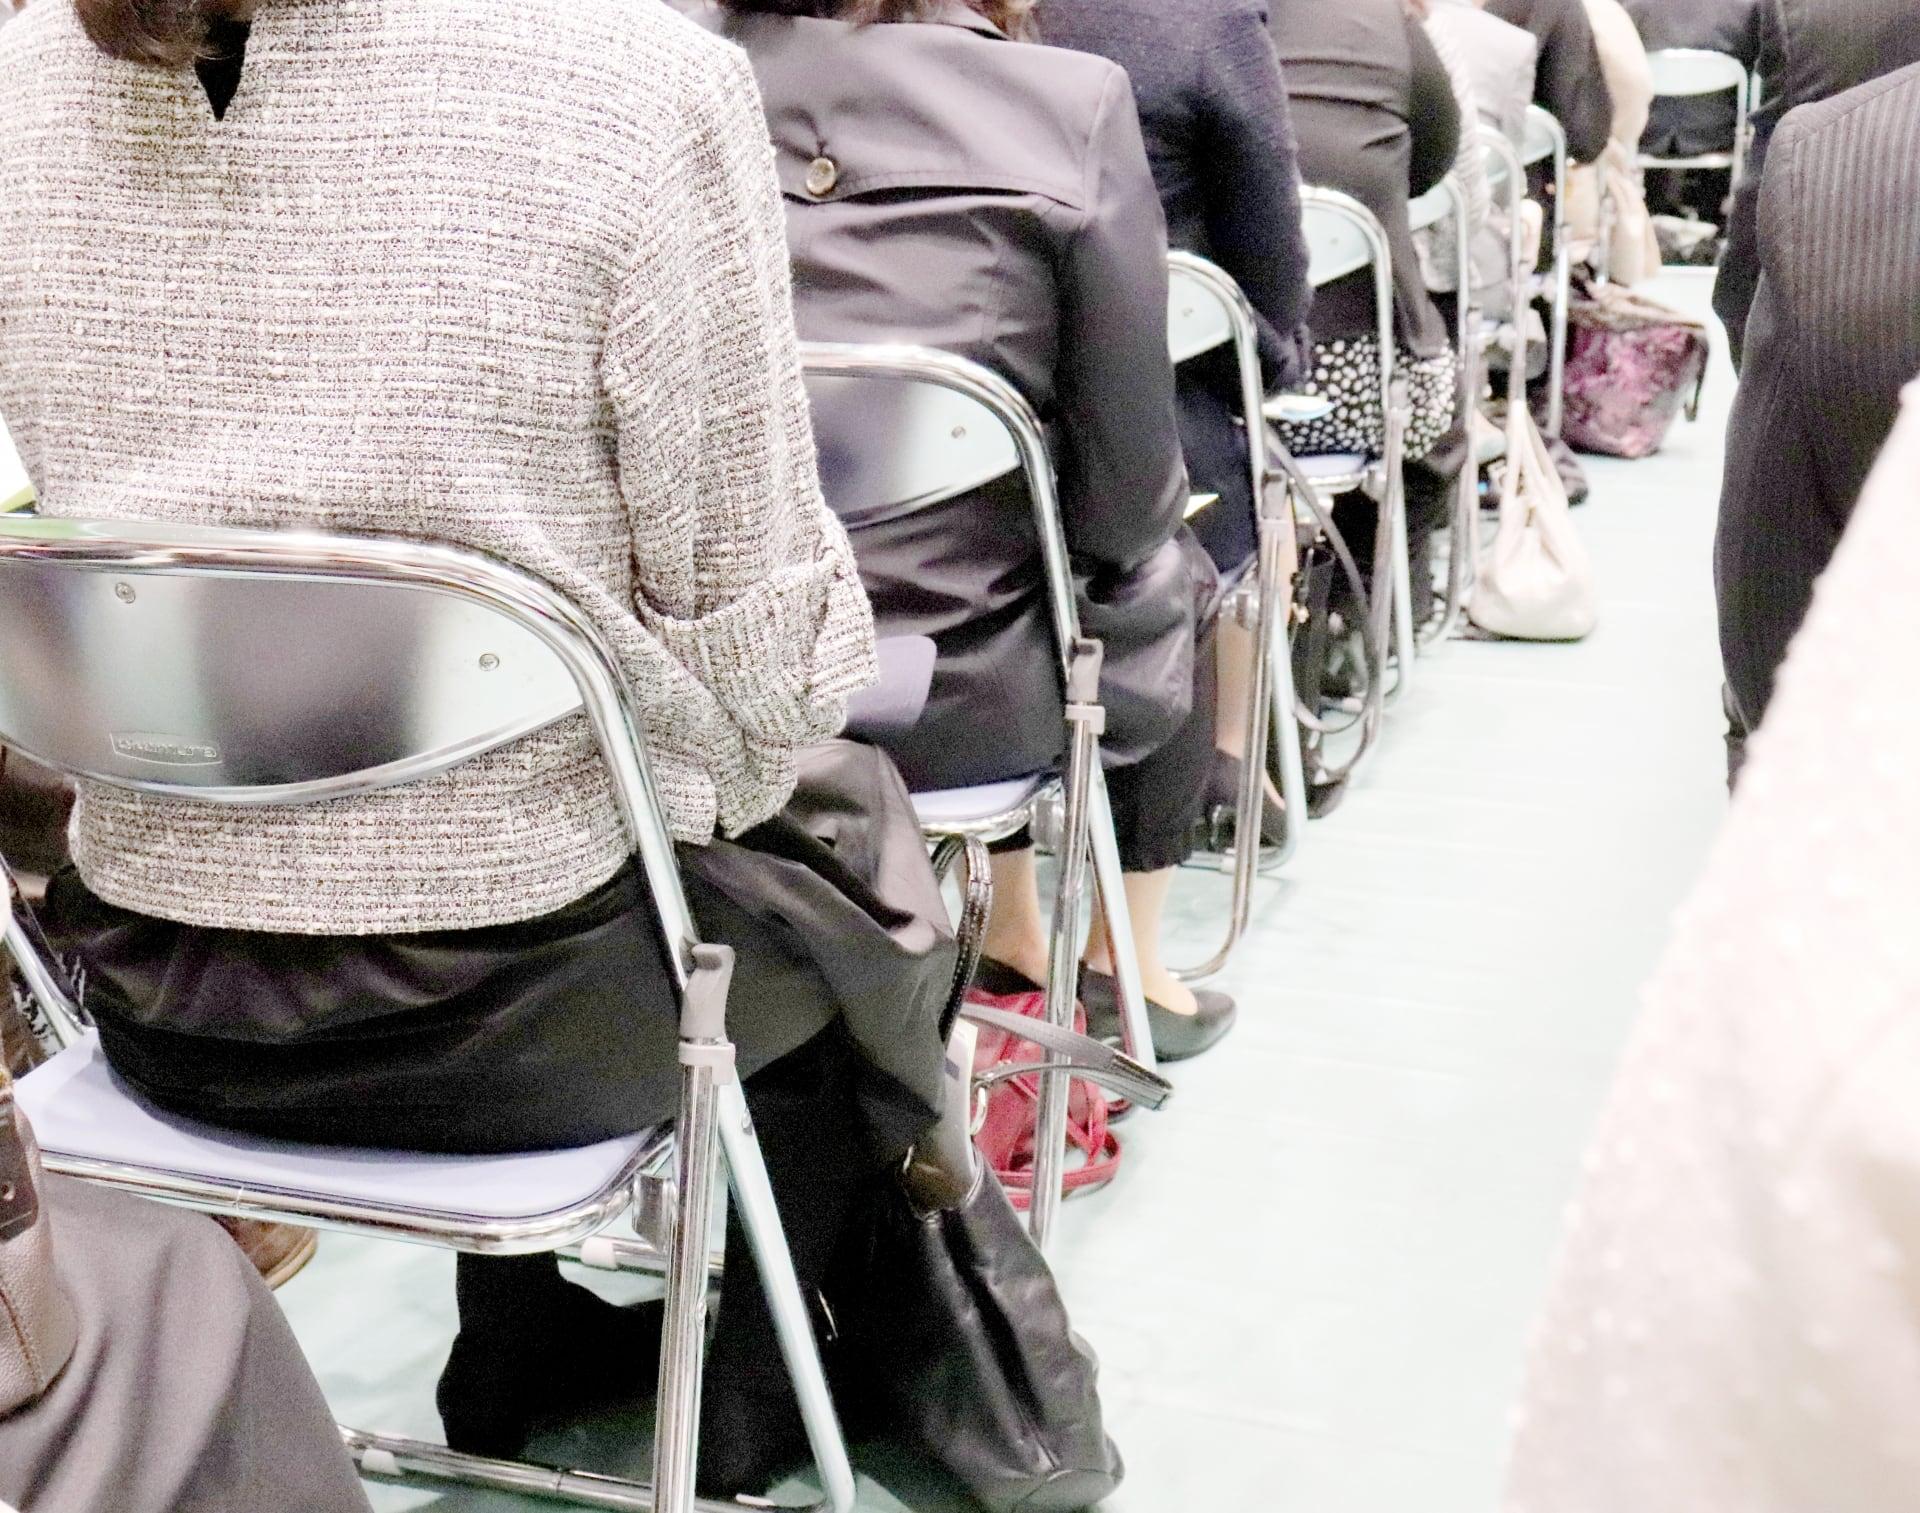 入学式と卒業式のスーツの違いは?同じスーツを着てはダメ?